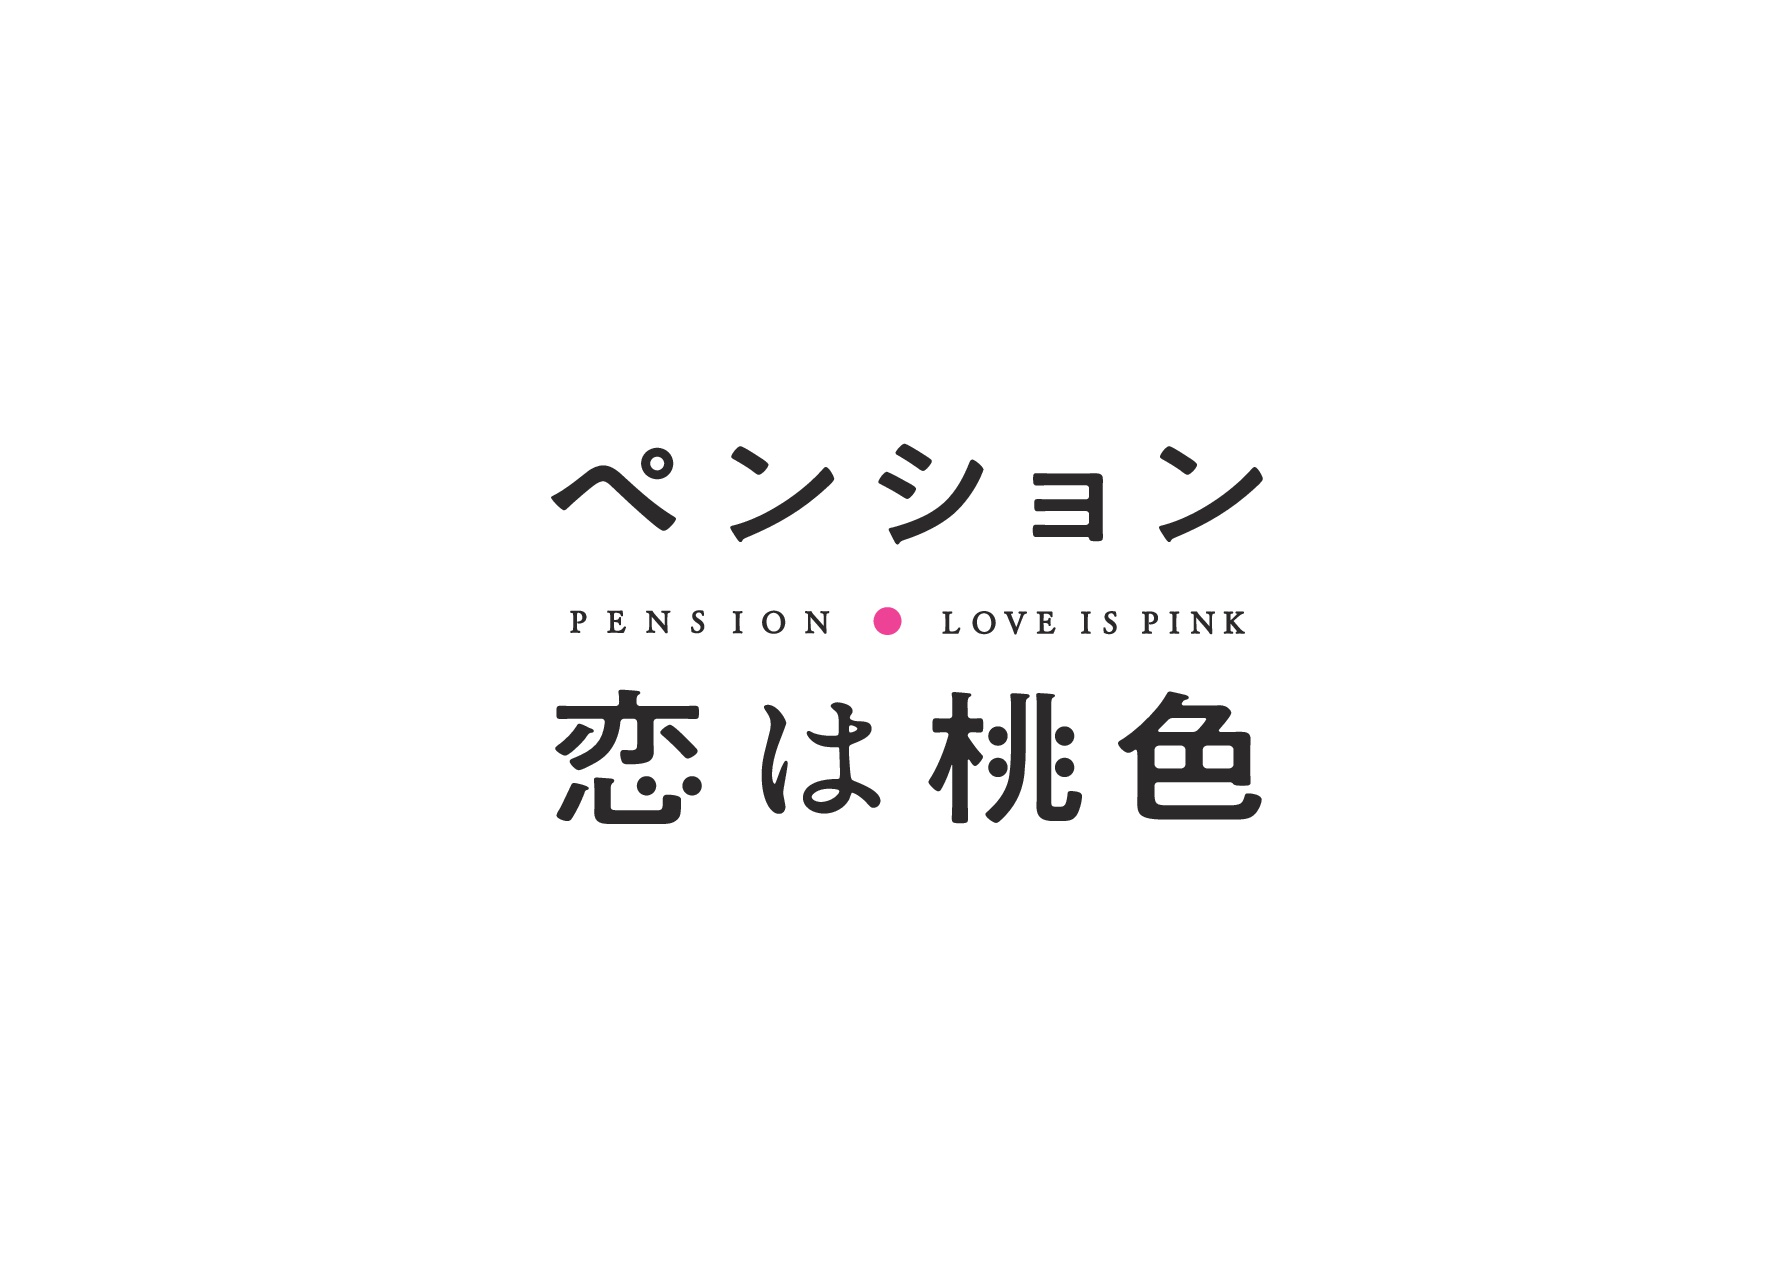 1月16日(木)25:25 O.A. <br>フジテレビ<br>5週連続特別ドラマ「ペンション・恋は桃色」スタート!